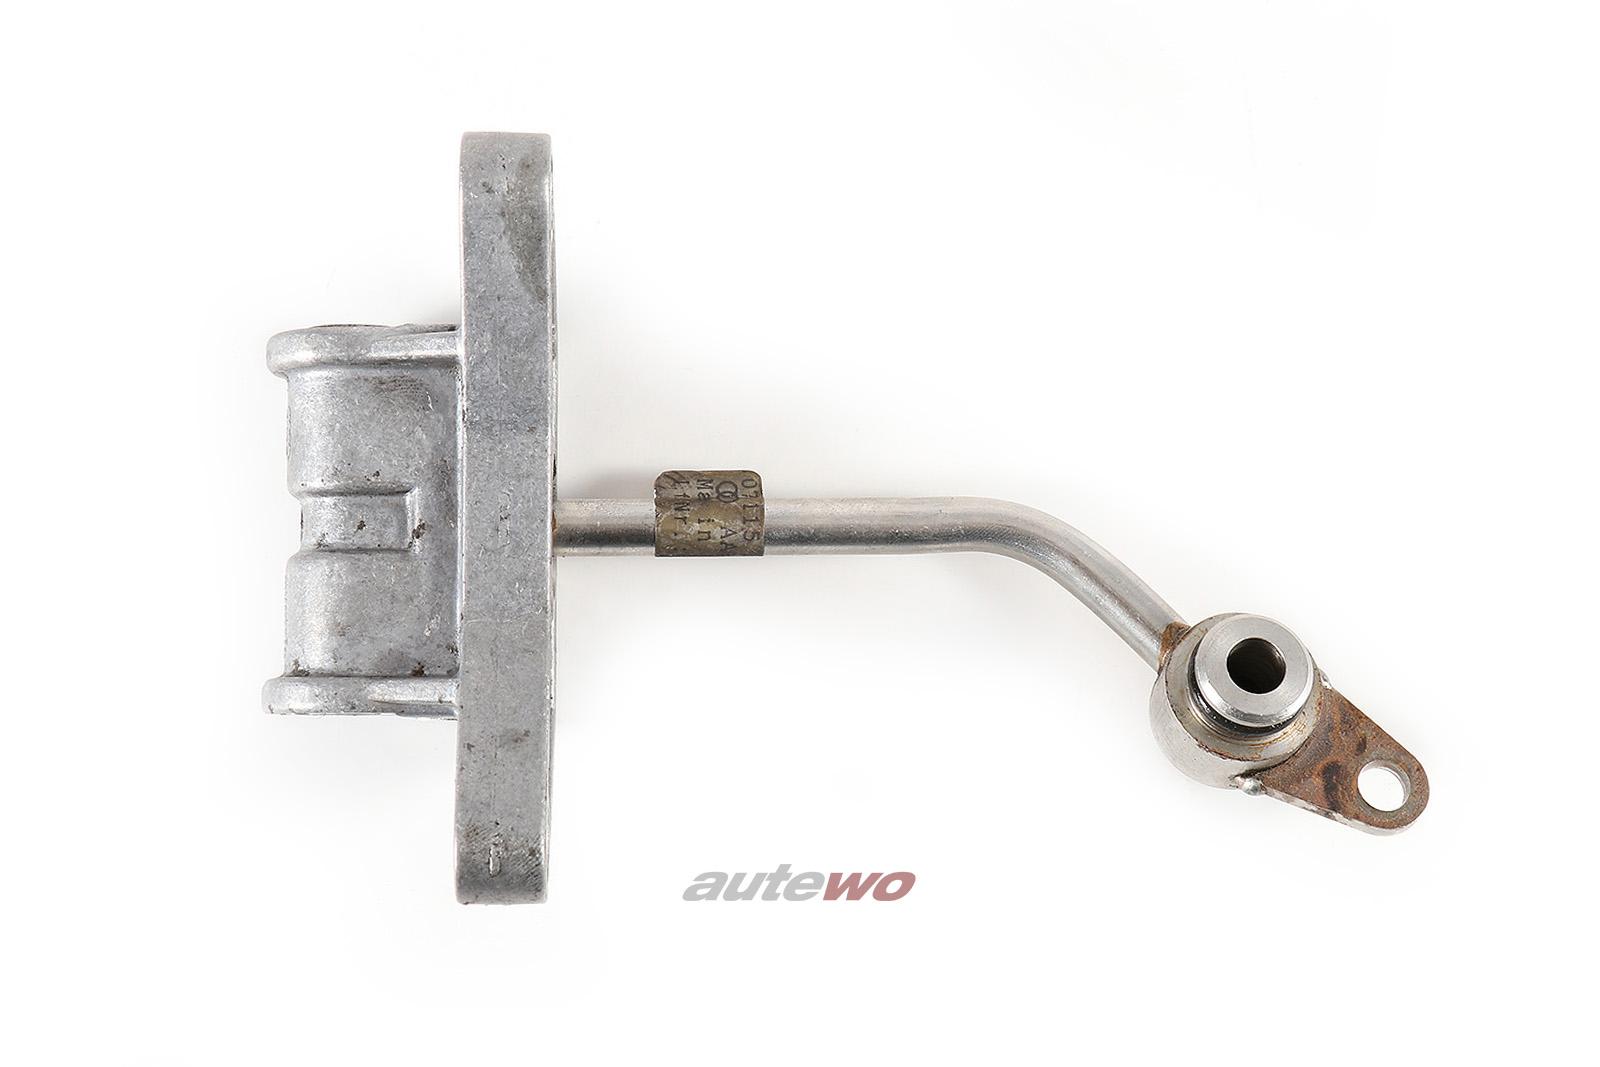 078115377 Audi S4 B5/A6 4B 2.7l Biturbo Öl Verteiler